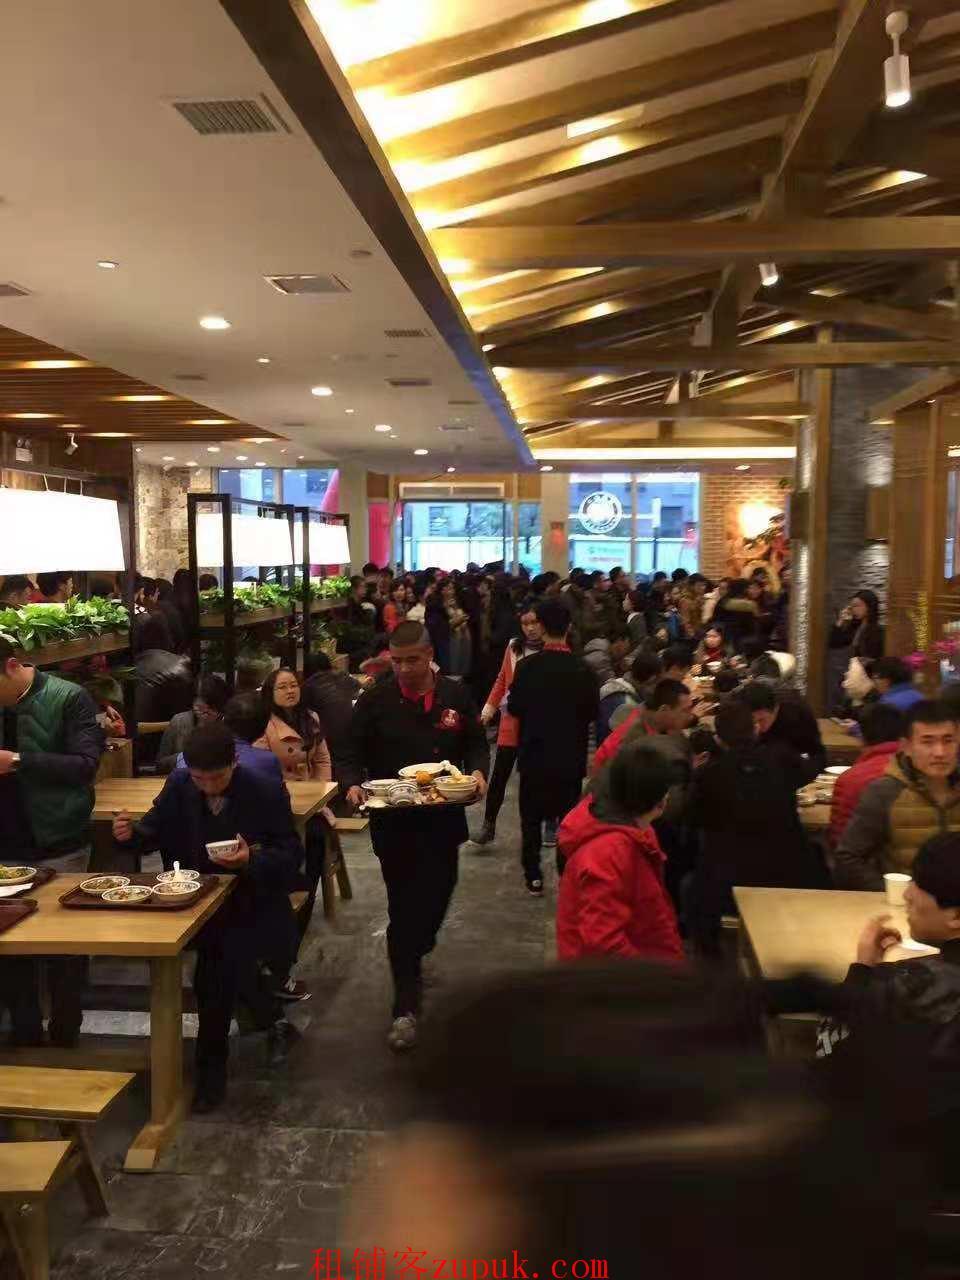 三墩三万人办公园区配套美食档口 唯一就餐点客流超大